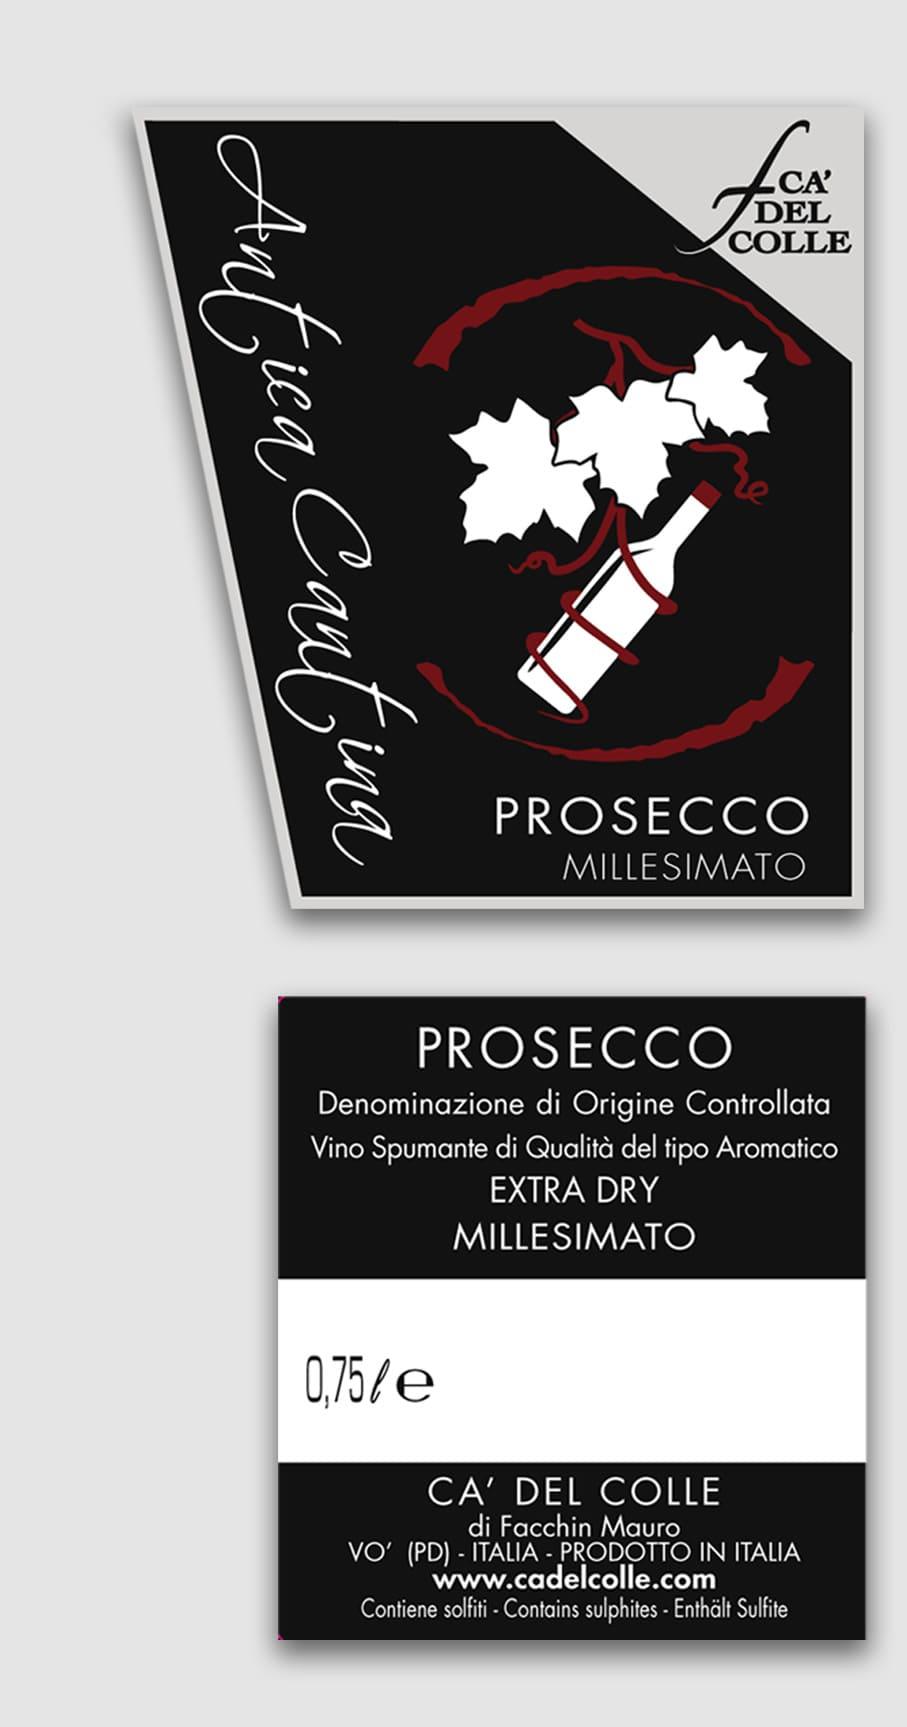 Etichetta Prosecco Antica Cantina Veneta